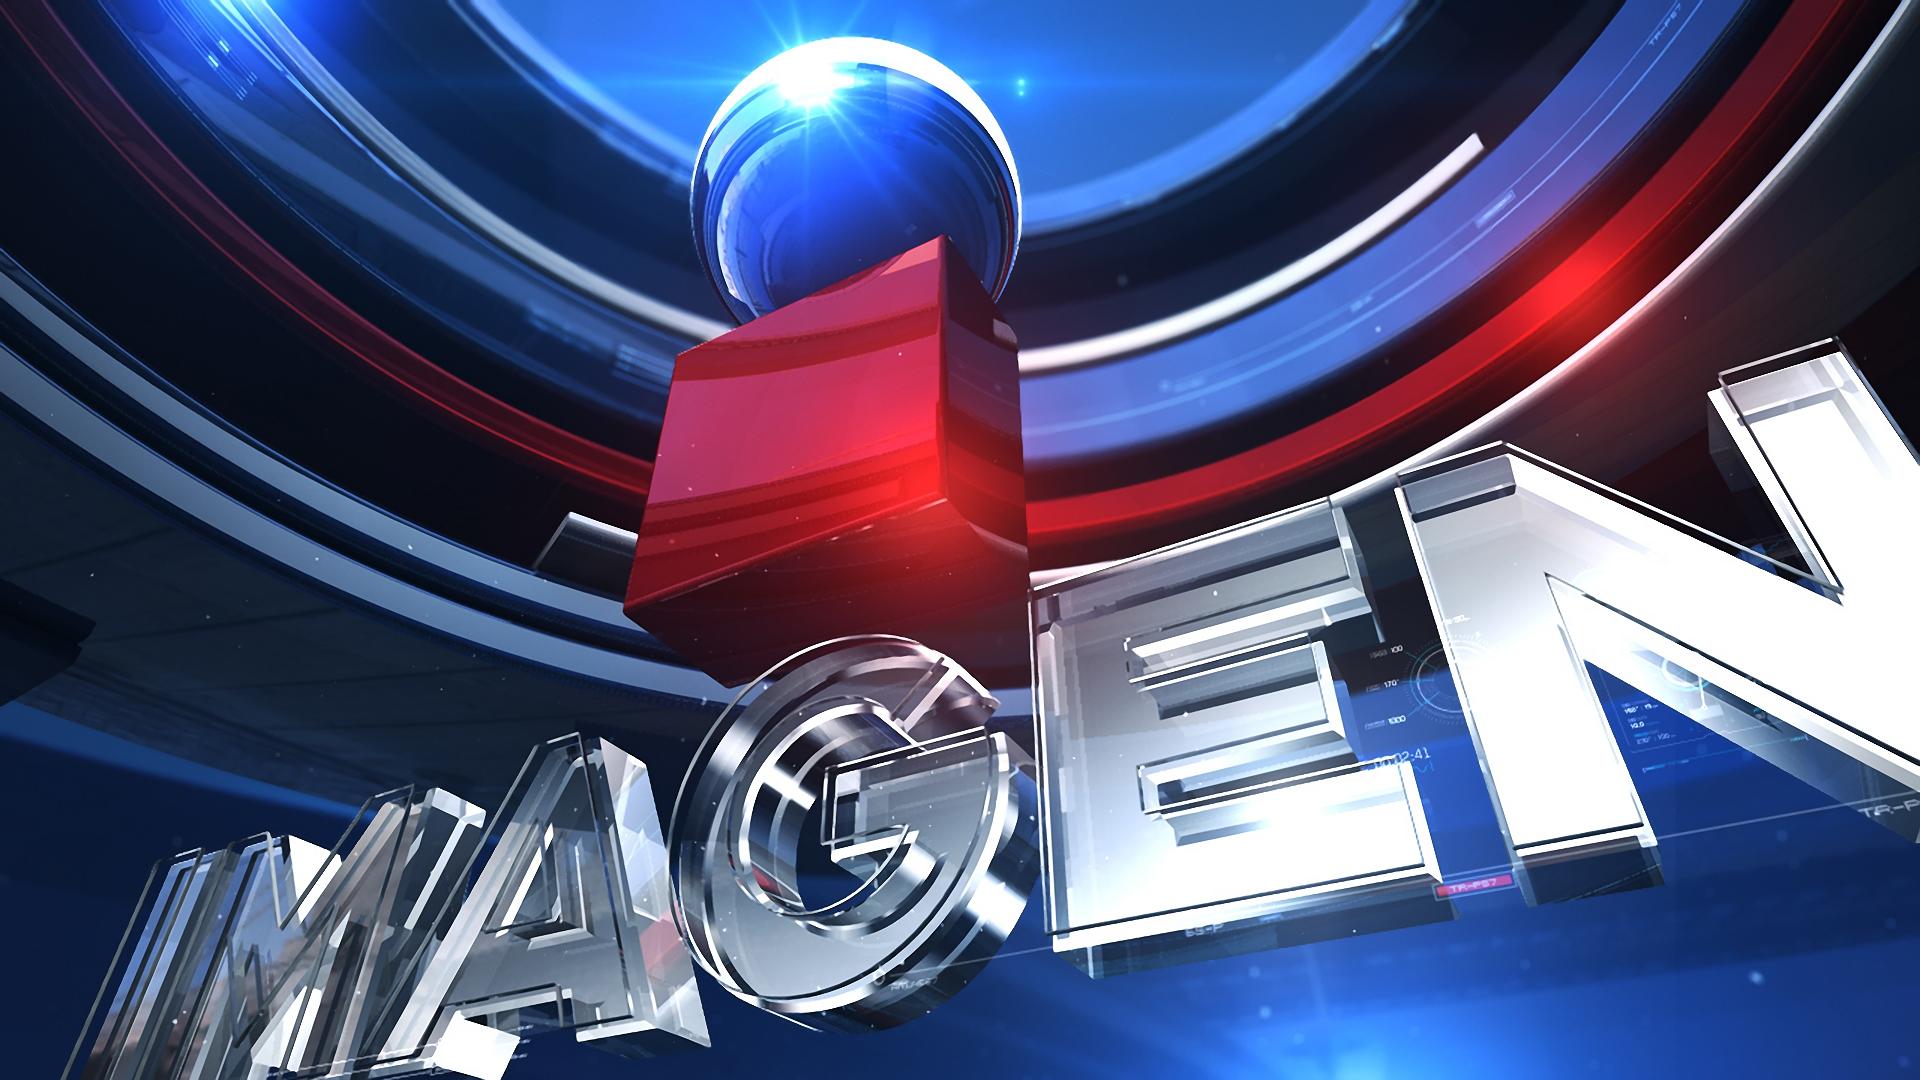 broadcast_design_grupo_imagen_renderon_010.jpg